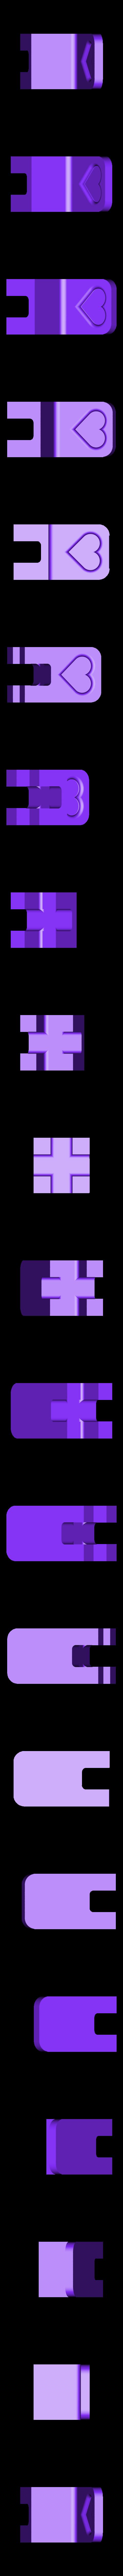 Assembly_House_2_-_Chair_3.stl Télécharger fichier STL gratuit Petit maison en jouet • Design à imprimer en 3D, crprinting